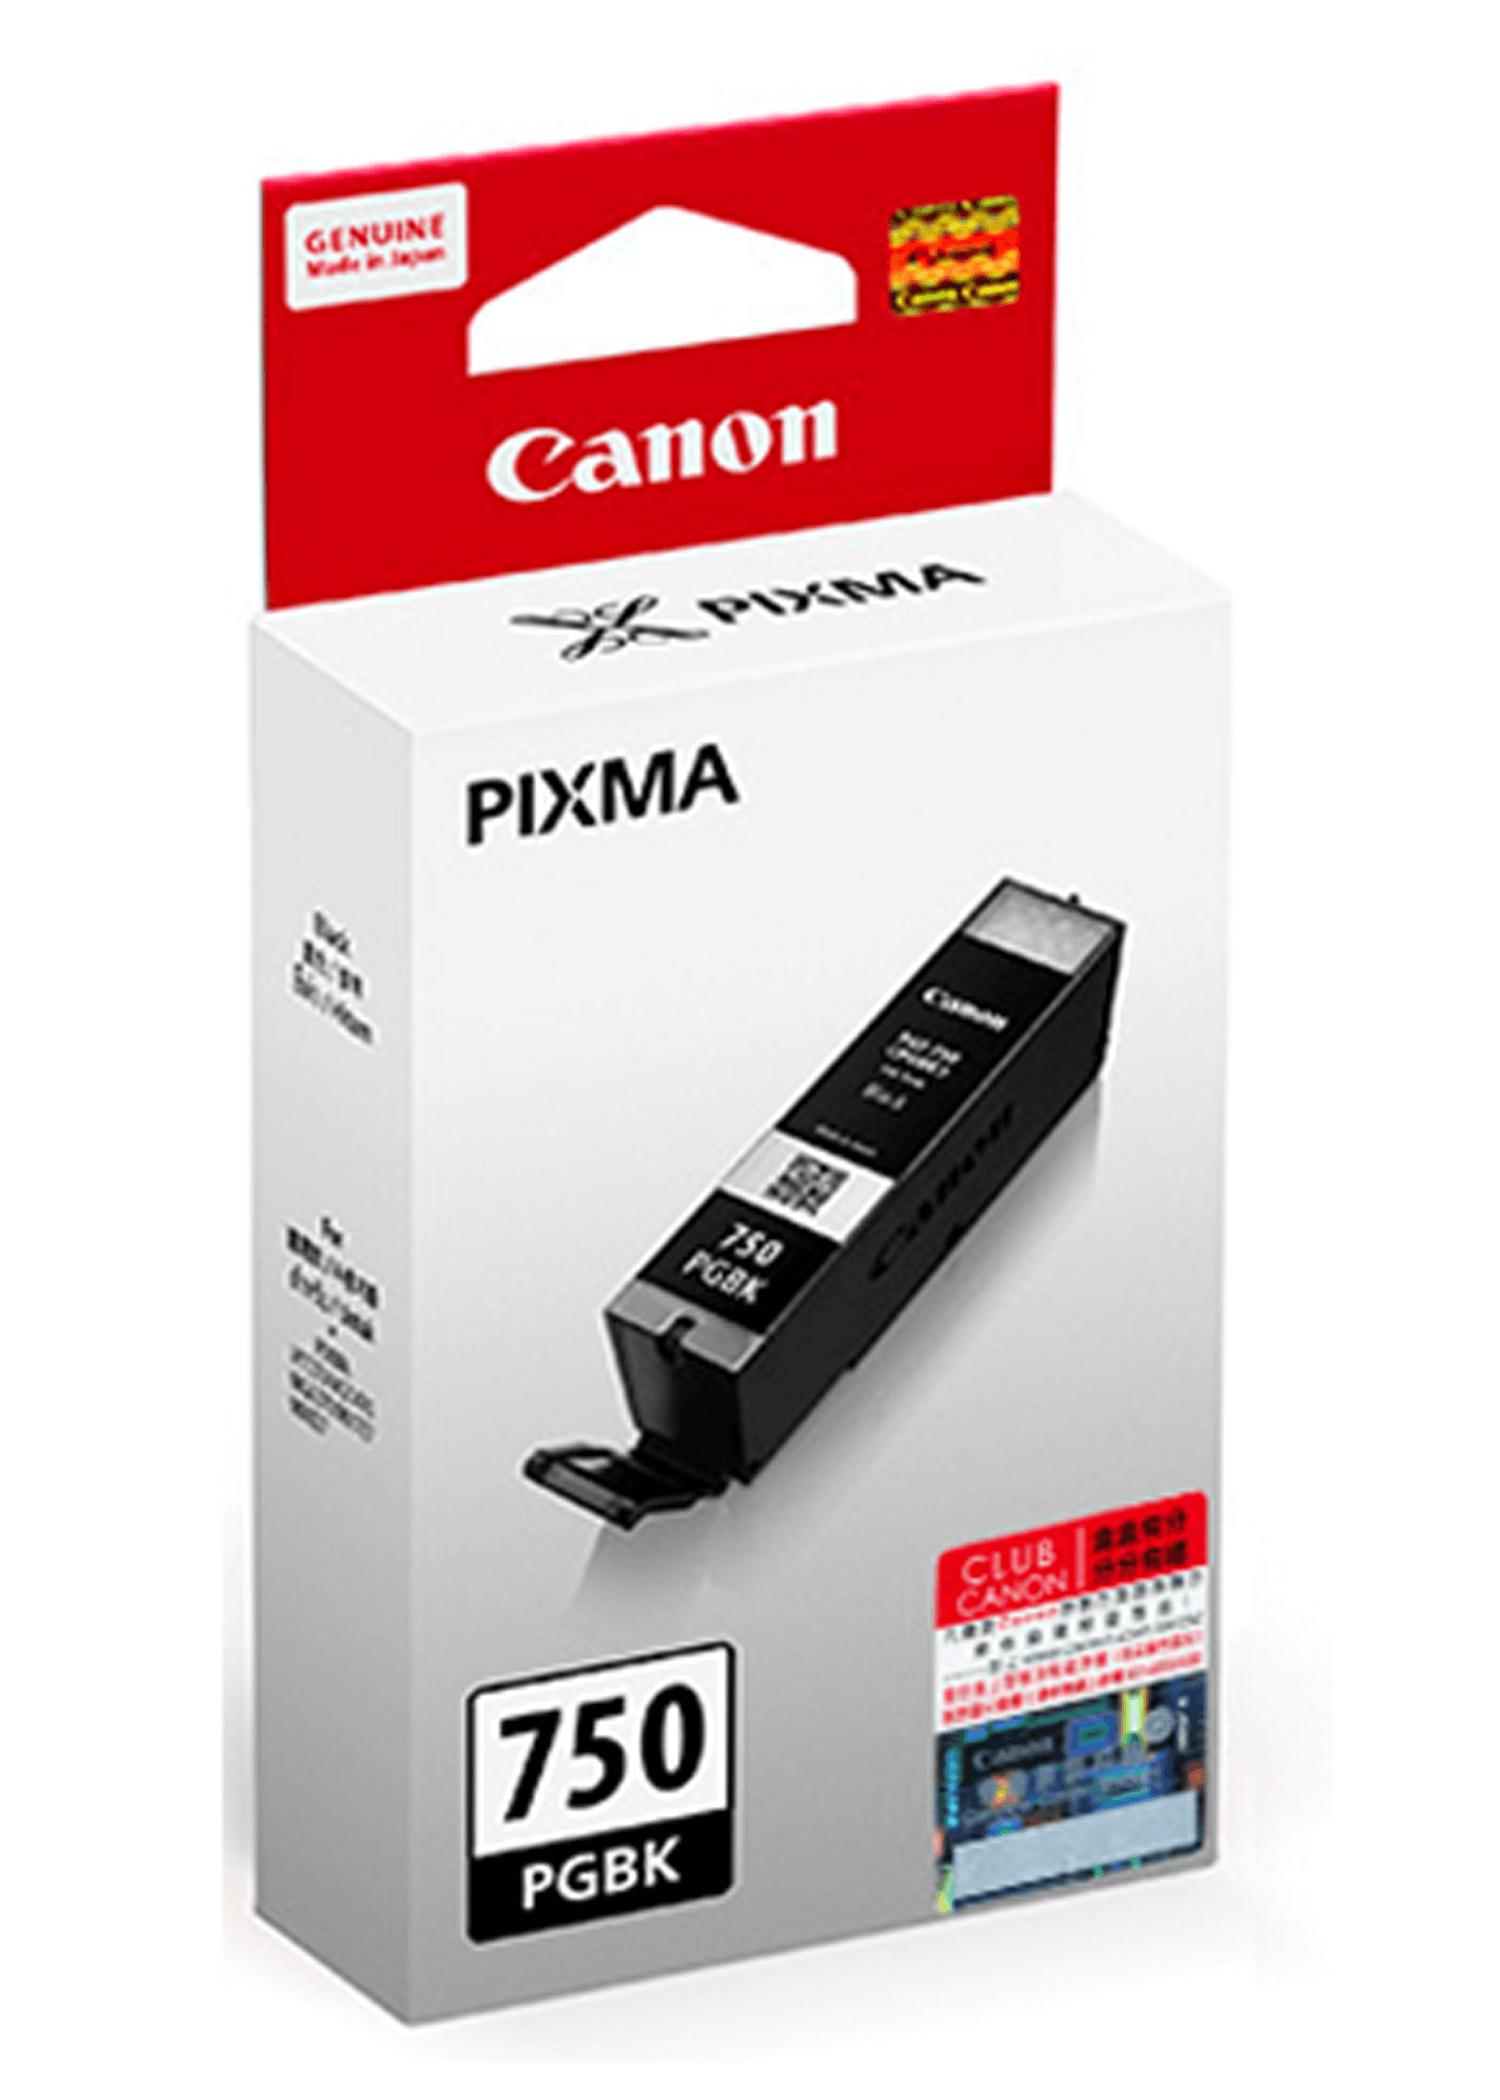 ตลับหมึกอิงค์เจ็ท Canon PGI-750 PGBK สีดำ